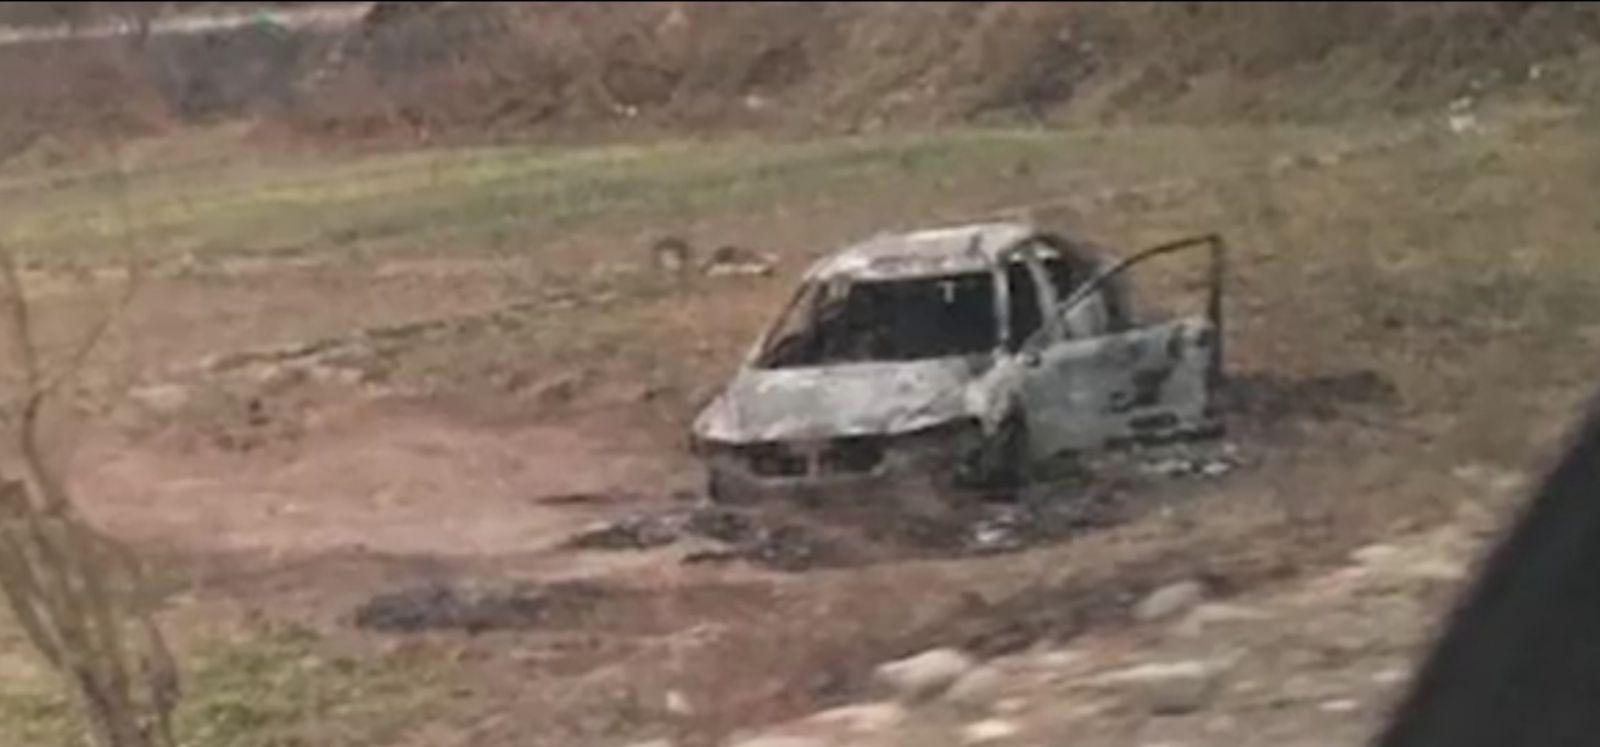 Slider-Qardabaninin Qaracalar kəndində daha bir hadisə baş verdi - Yanmış avtomobildə cəsəd tapıldı - FOTO